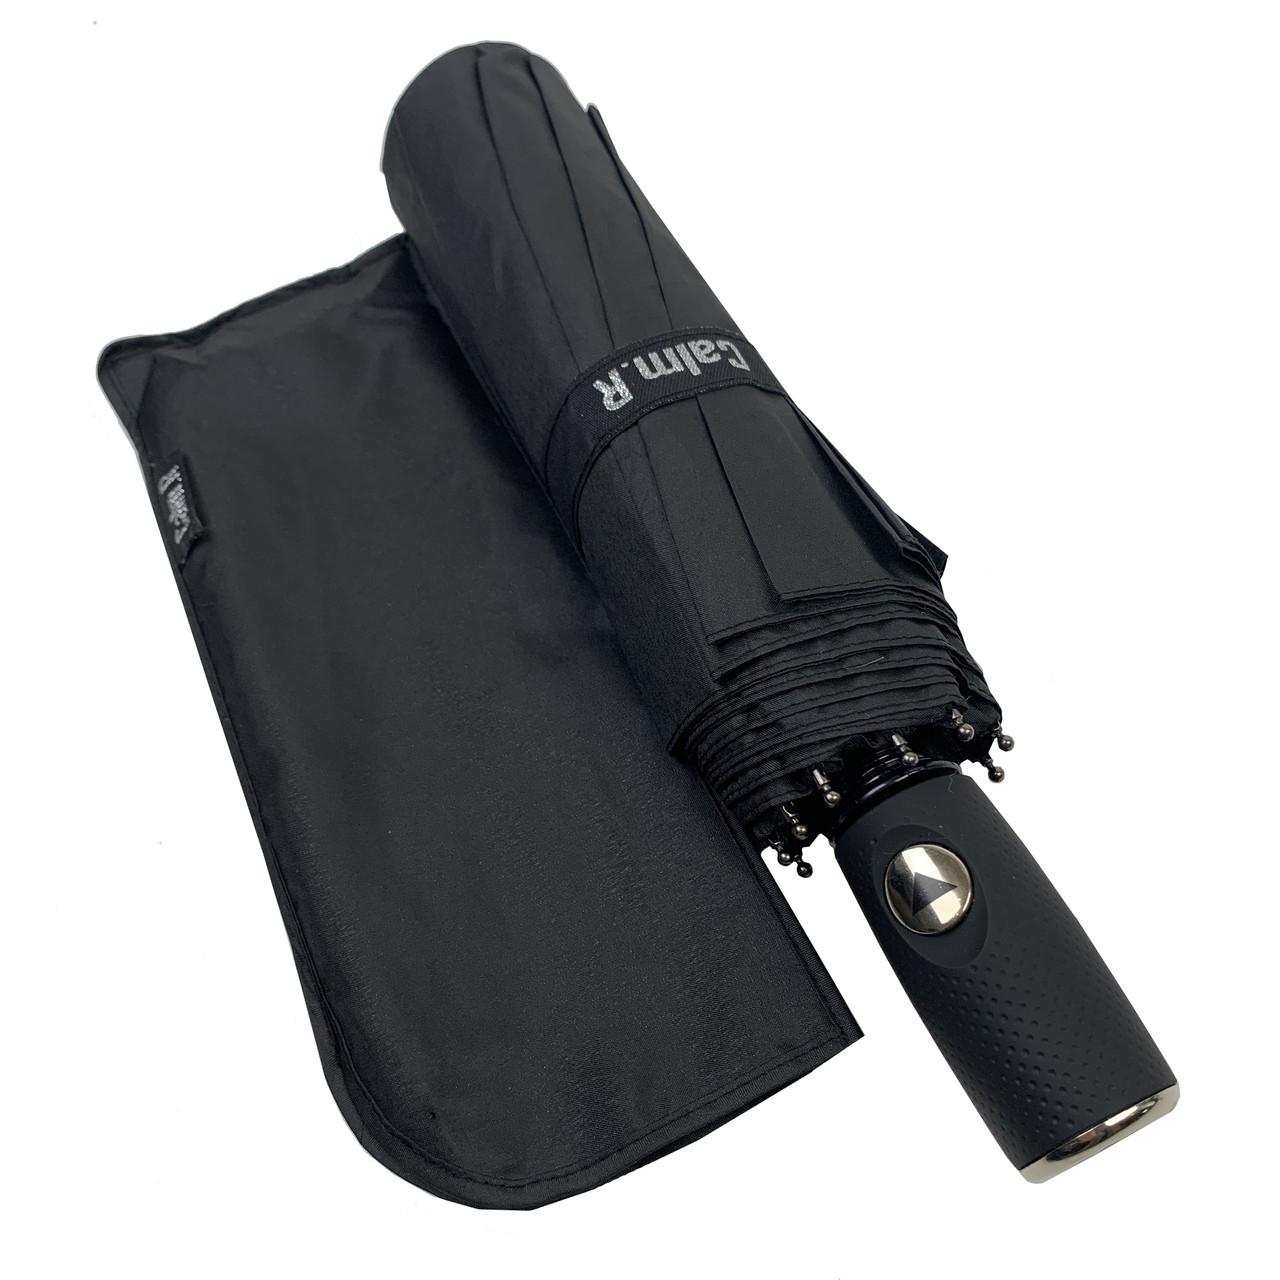 """Зонт чоловічий складной-напівавтомат на 10 спиць з системою """"антиветер"""" від Calm Rain, пряма ручка, чорний, 360"""